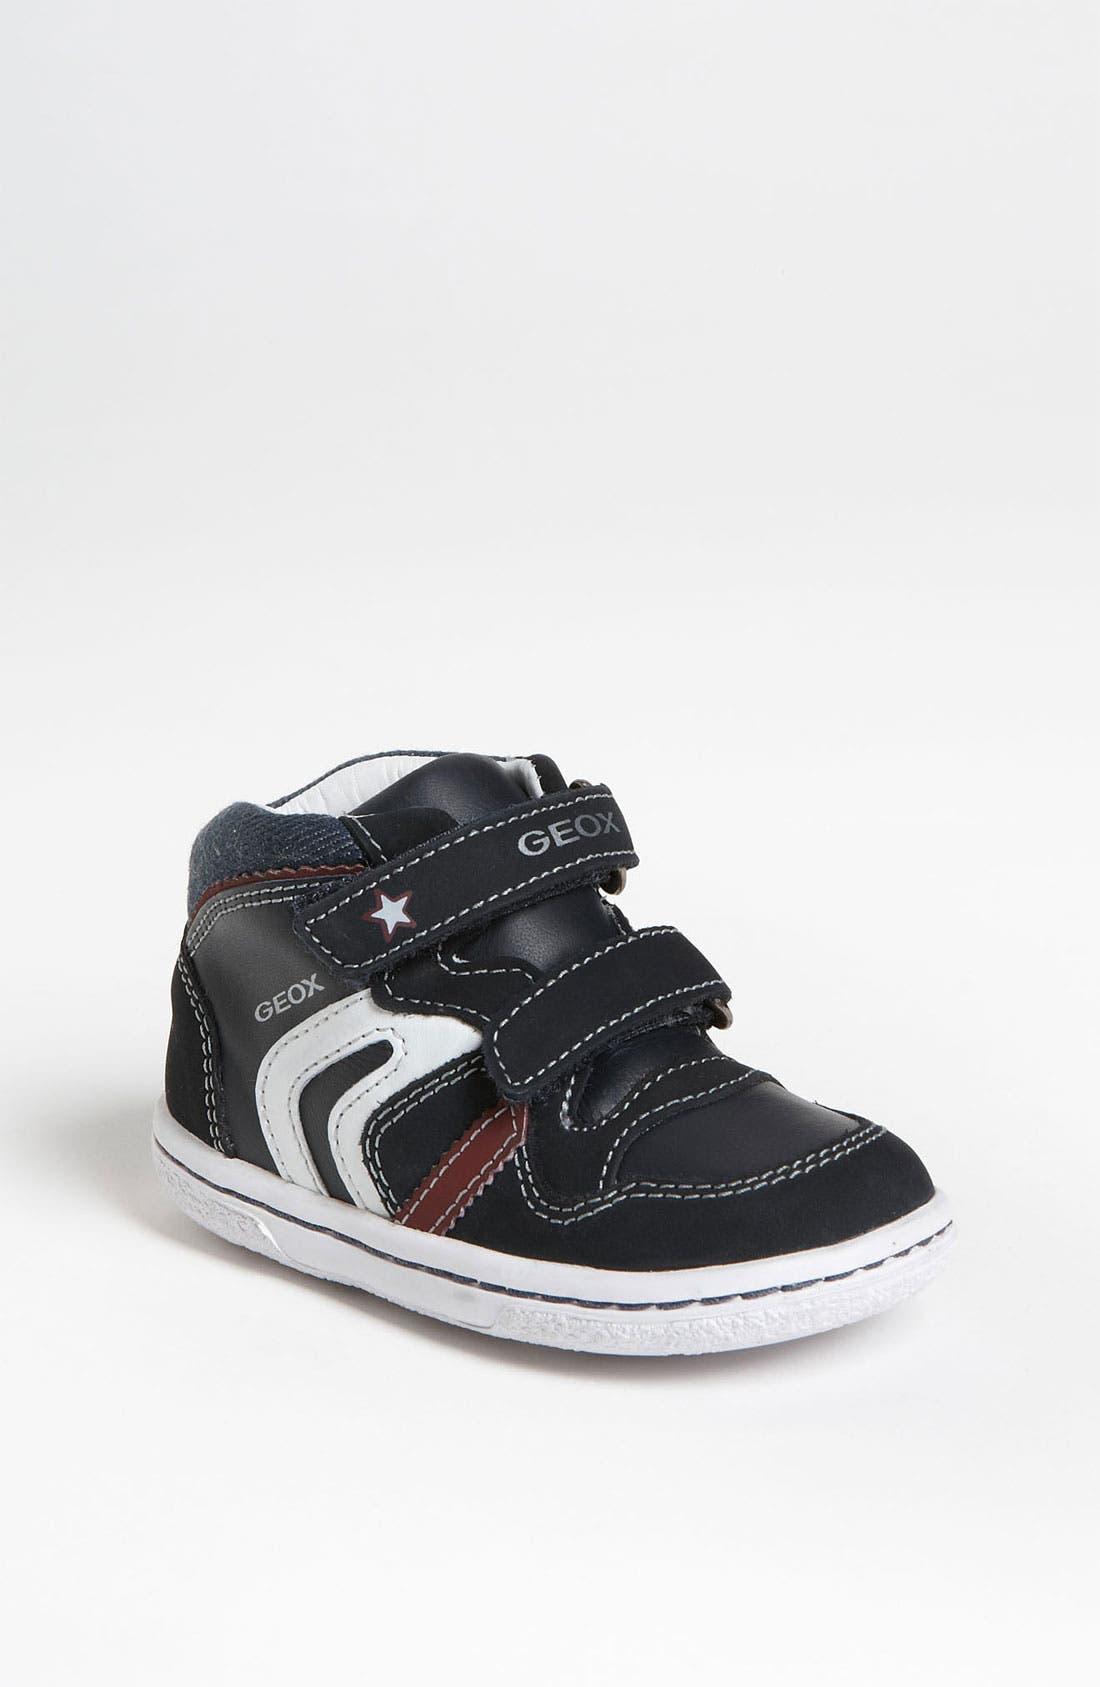 Main Image - Geox 'Flick' Sneaker (Baby, Walker & Toddler)